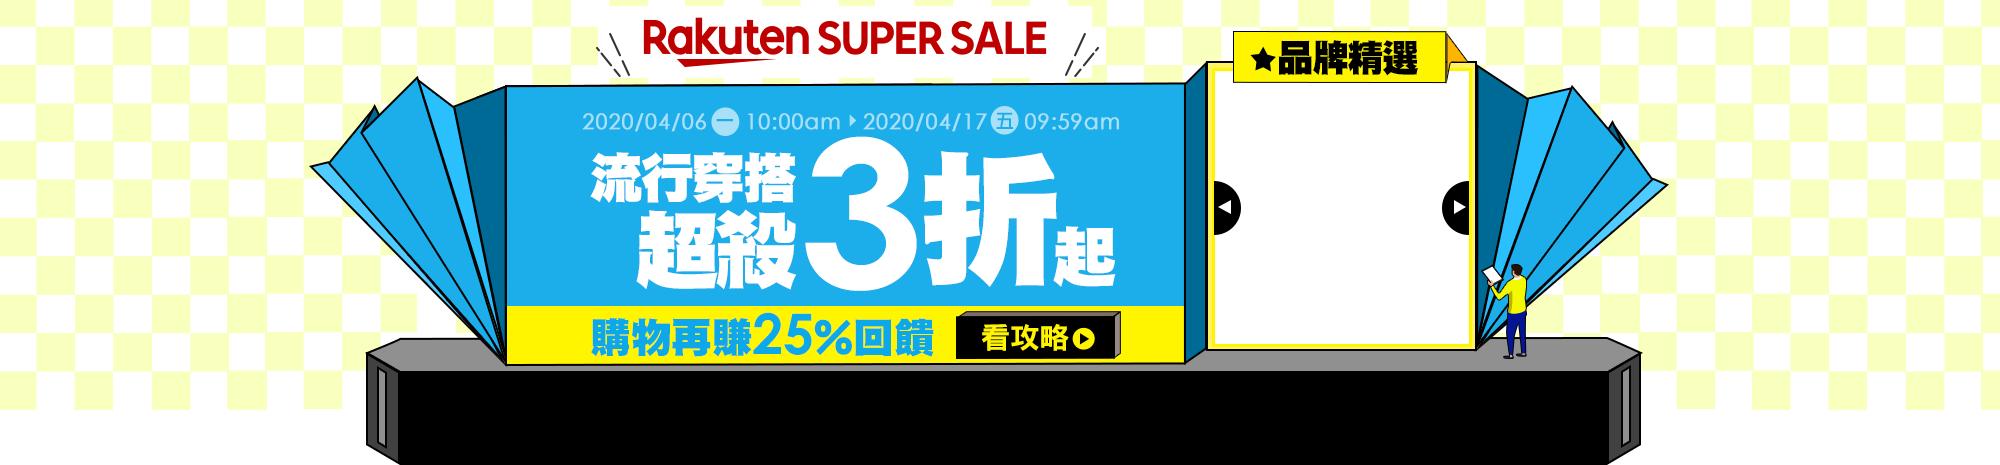 樂天SUPER SALE!流行男女裝3折起,滿額賺25%回饋